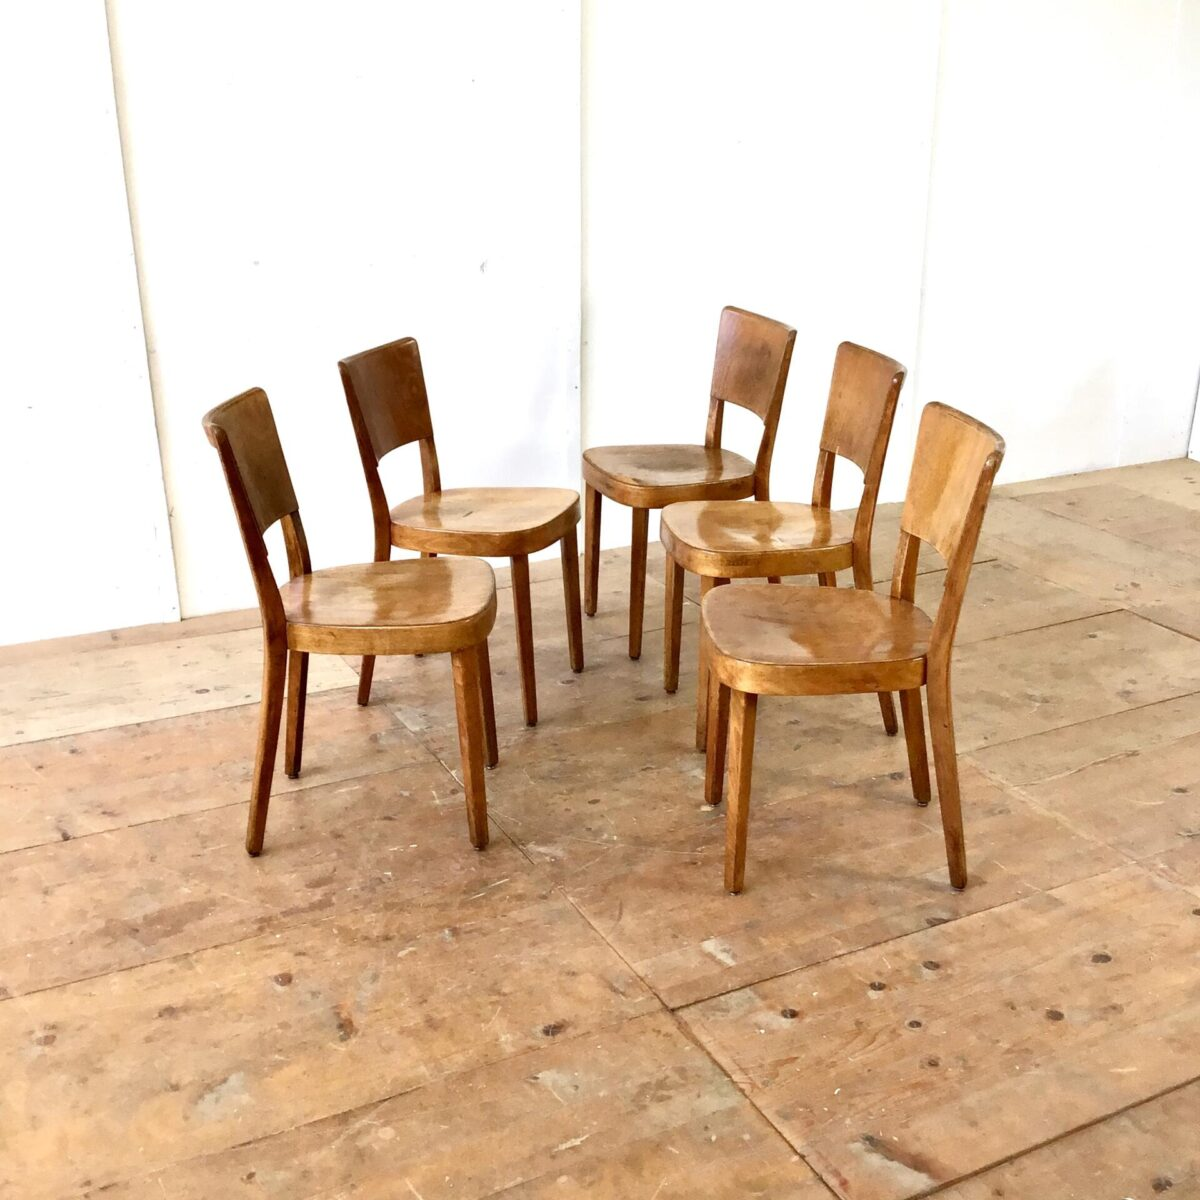 5er Set horgenglarus Beizenstühle von Haefeli. Schöne dunkelbraune Alterspatina, technisch stabil. Diverse Furnierabplatzer frisch eingesetzt.